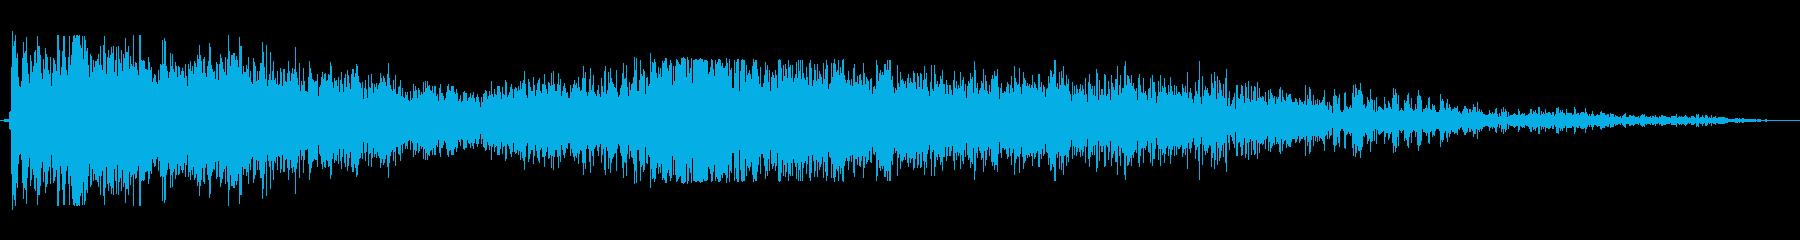 爆発;複数01の再生済みの波形